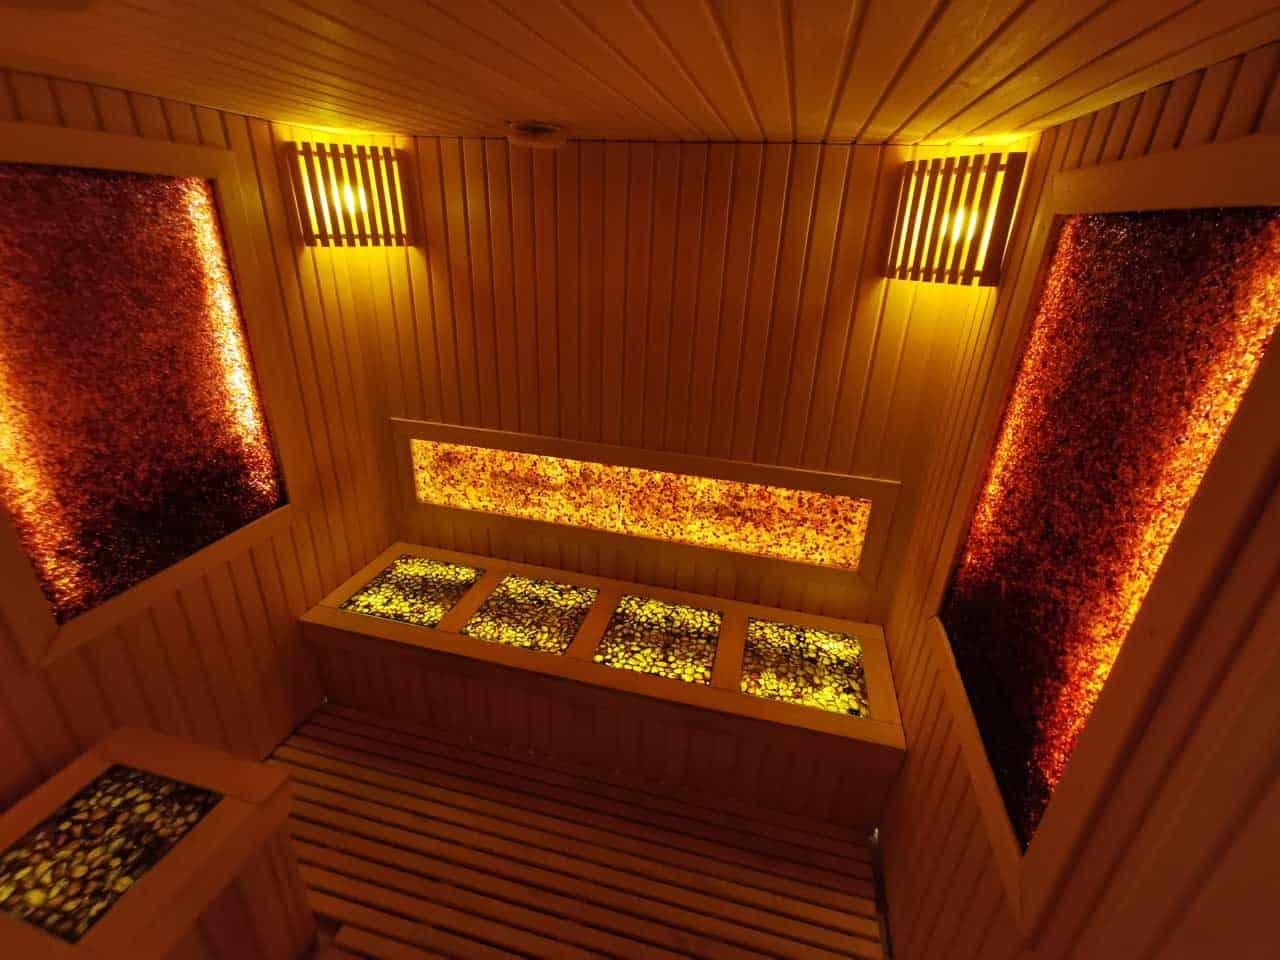 Das Bernsteinzimmer - Sauna in Egles Spa (Spa Hotel in Litauen)